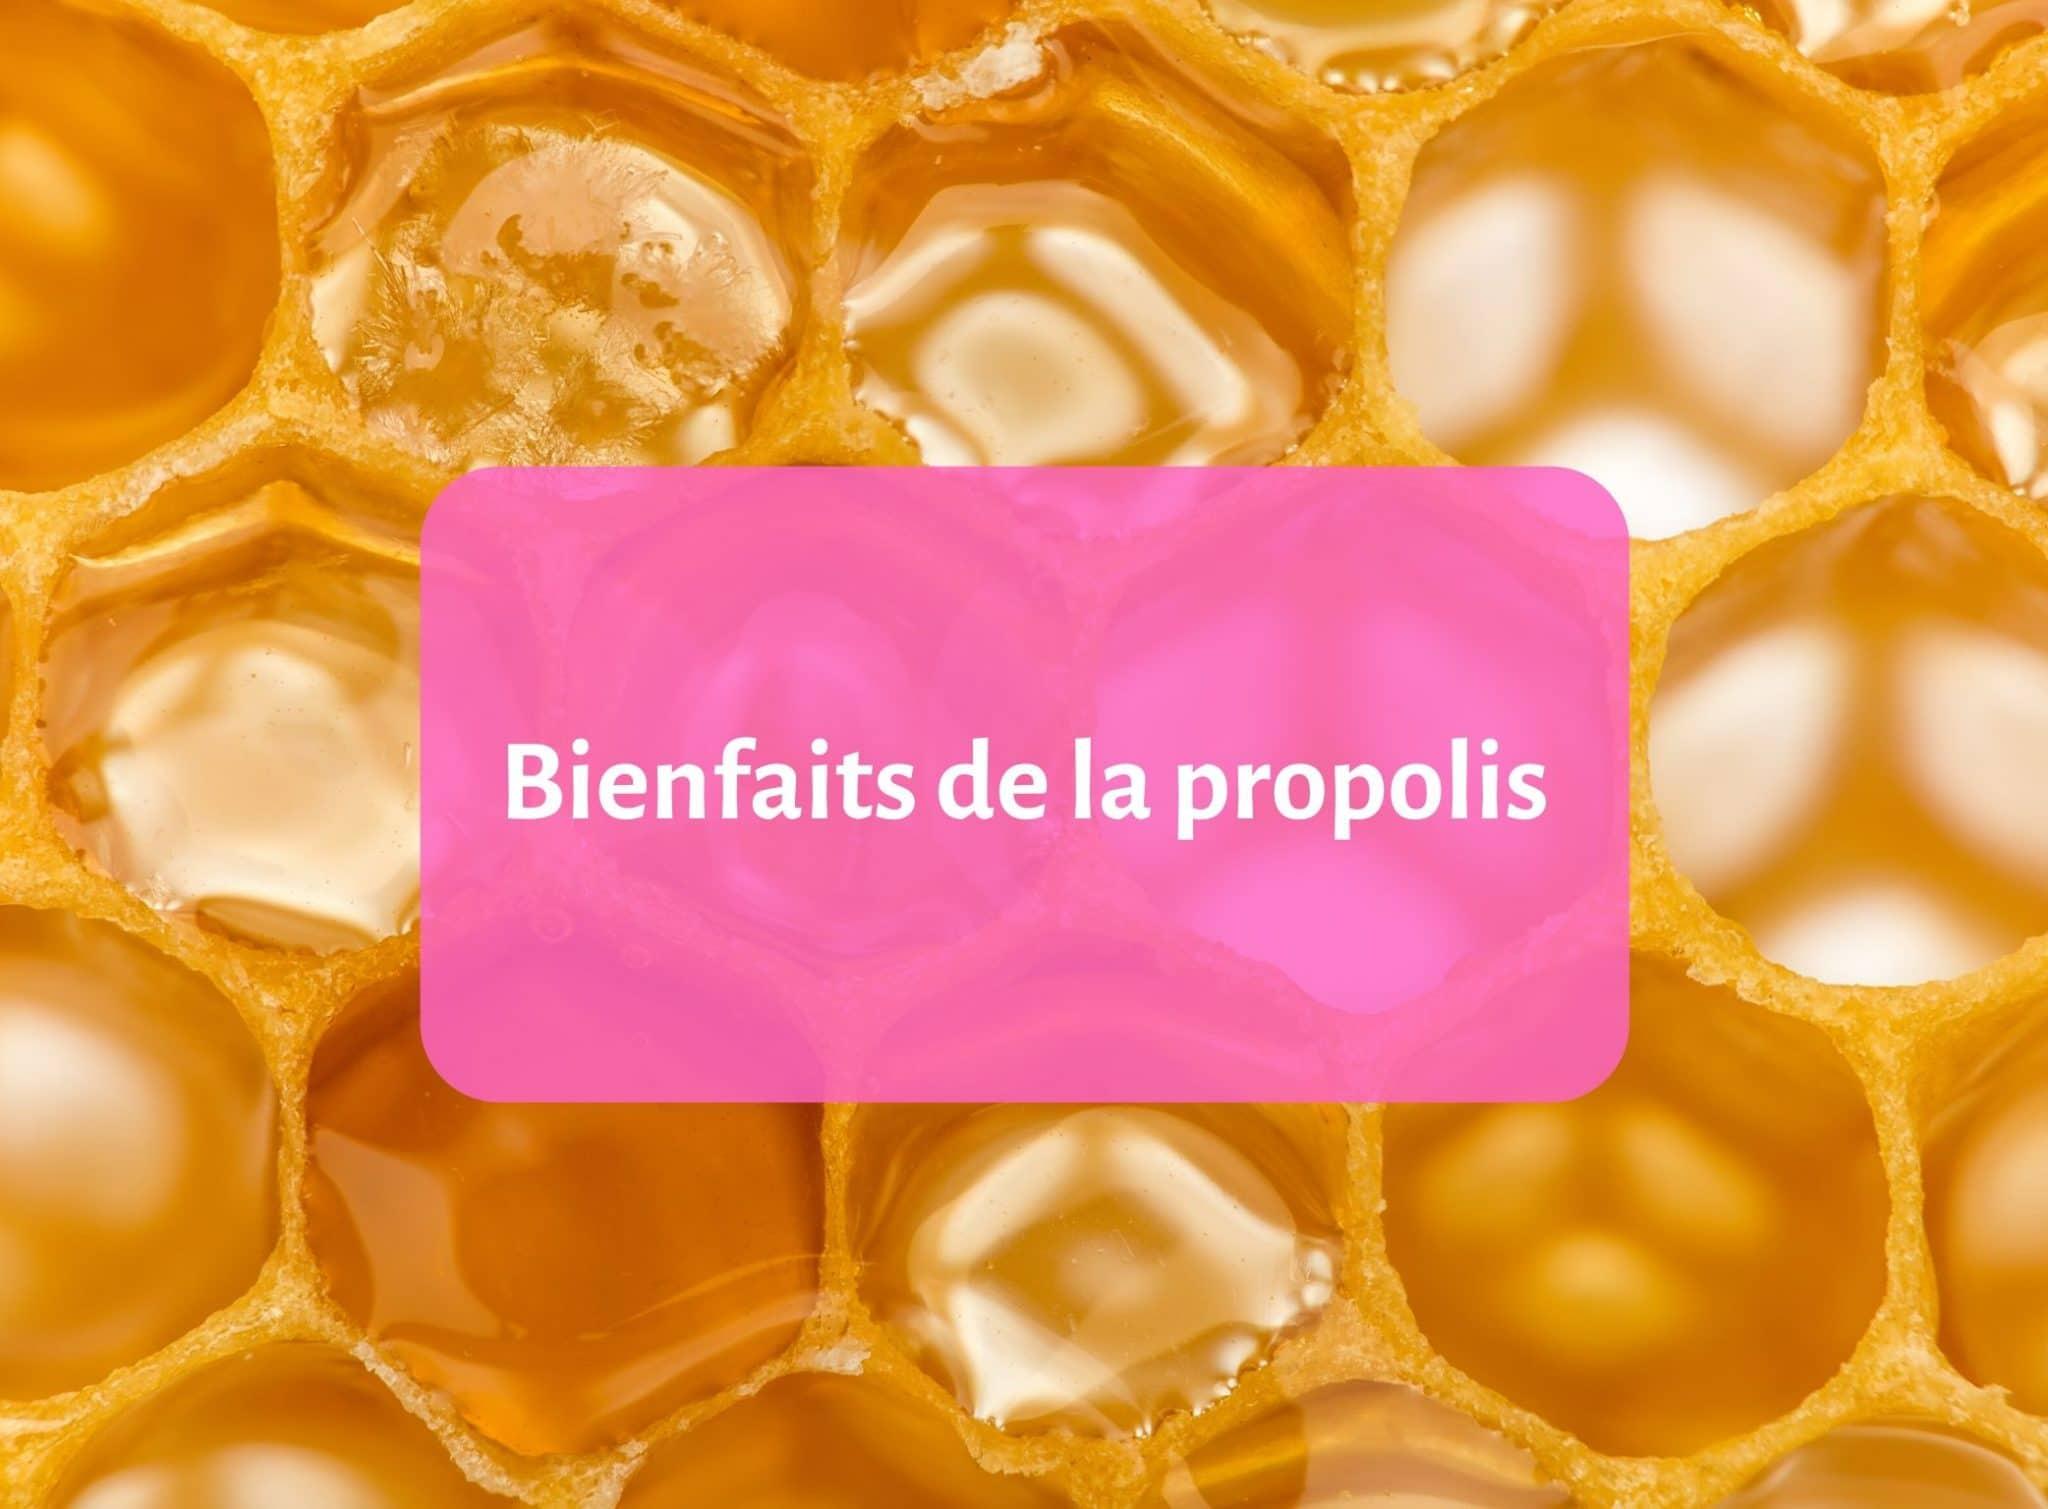 Les bienfaits de la propolis dans le savon